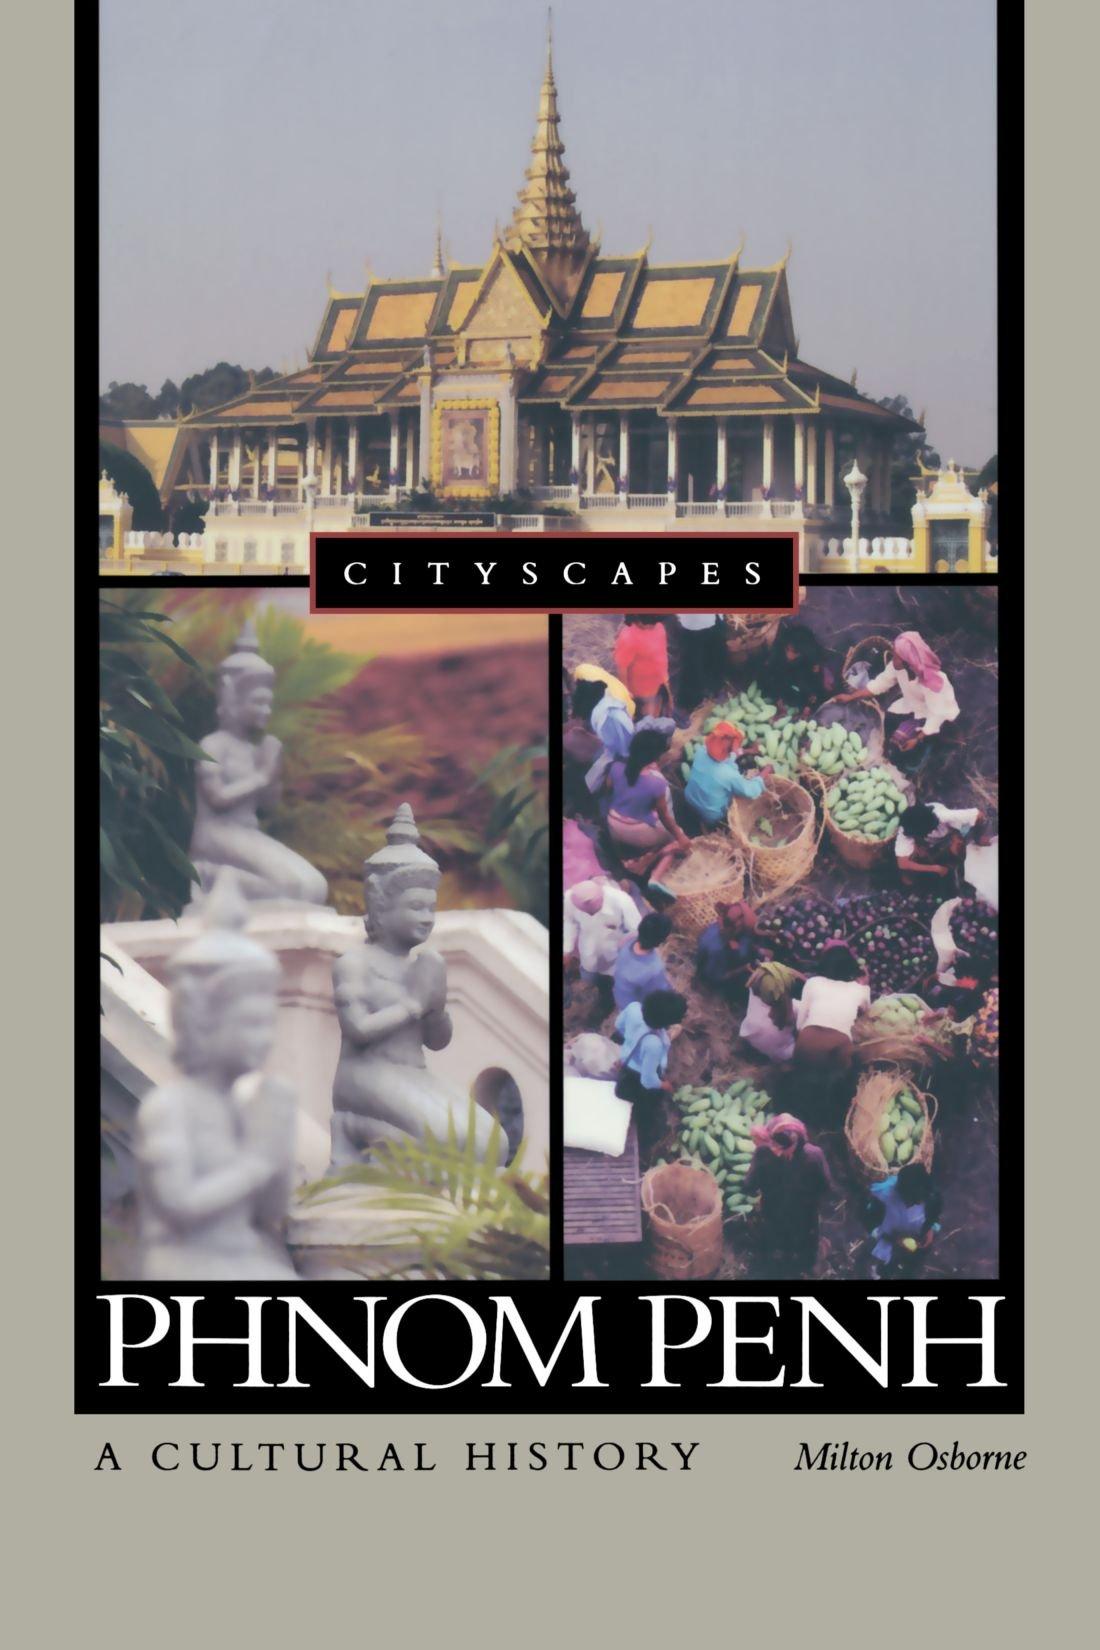 Phnom Penh: A Cultural History (Cityscapes): Milton Osborne ...